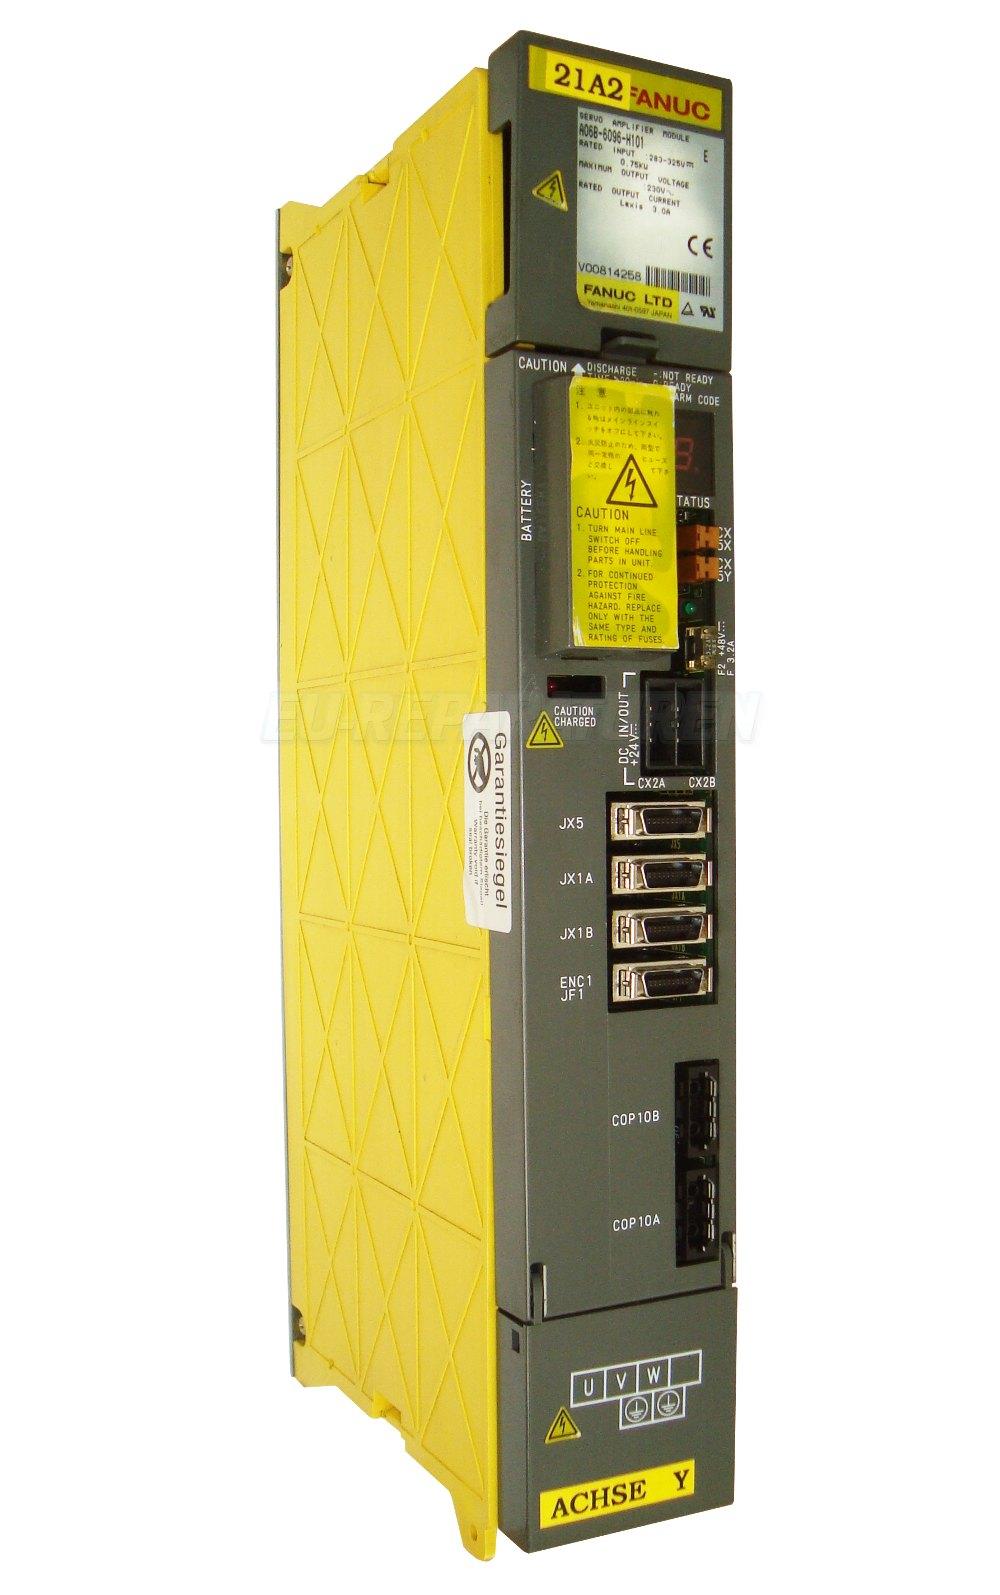 SERVICE FANUC A06B-6096-H101 AC DRIVE